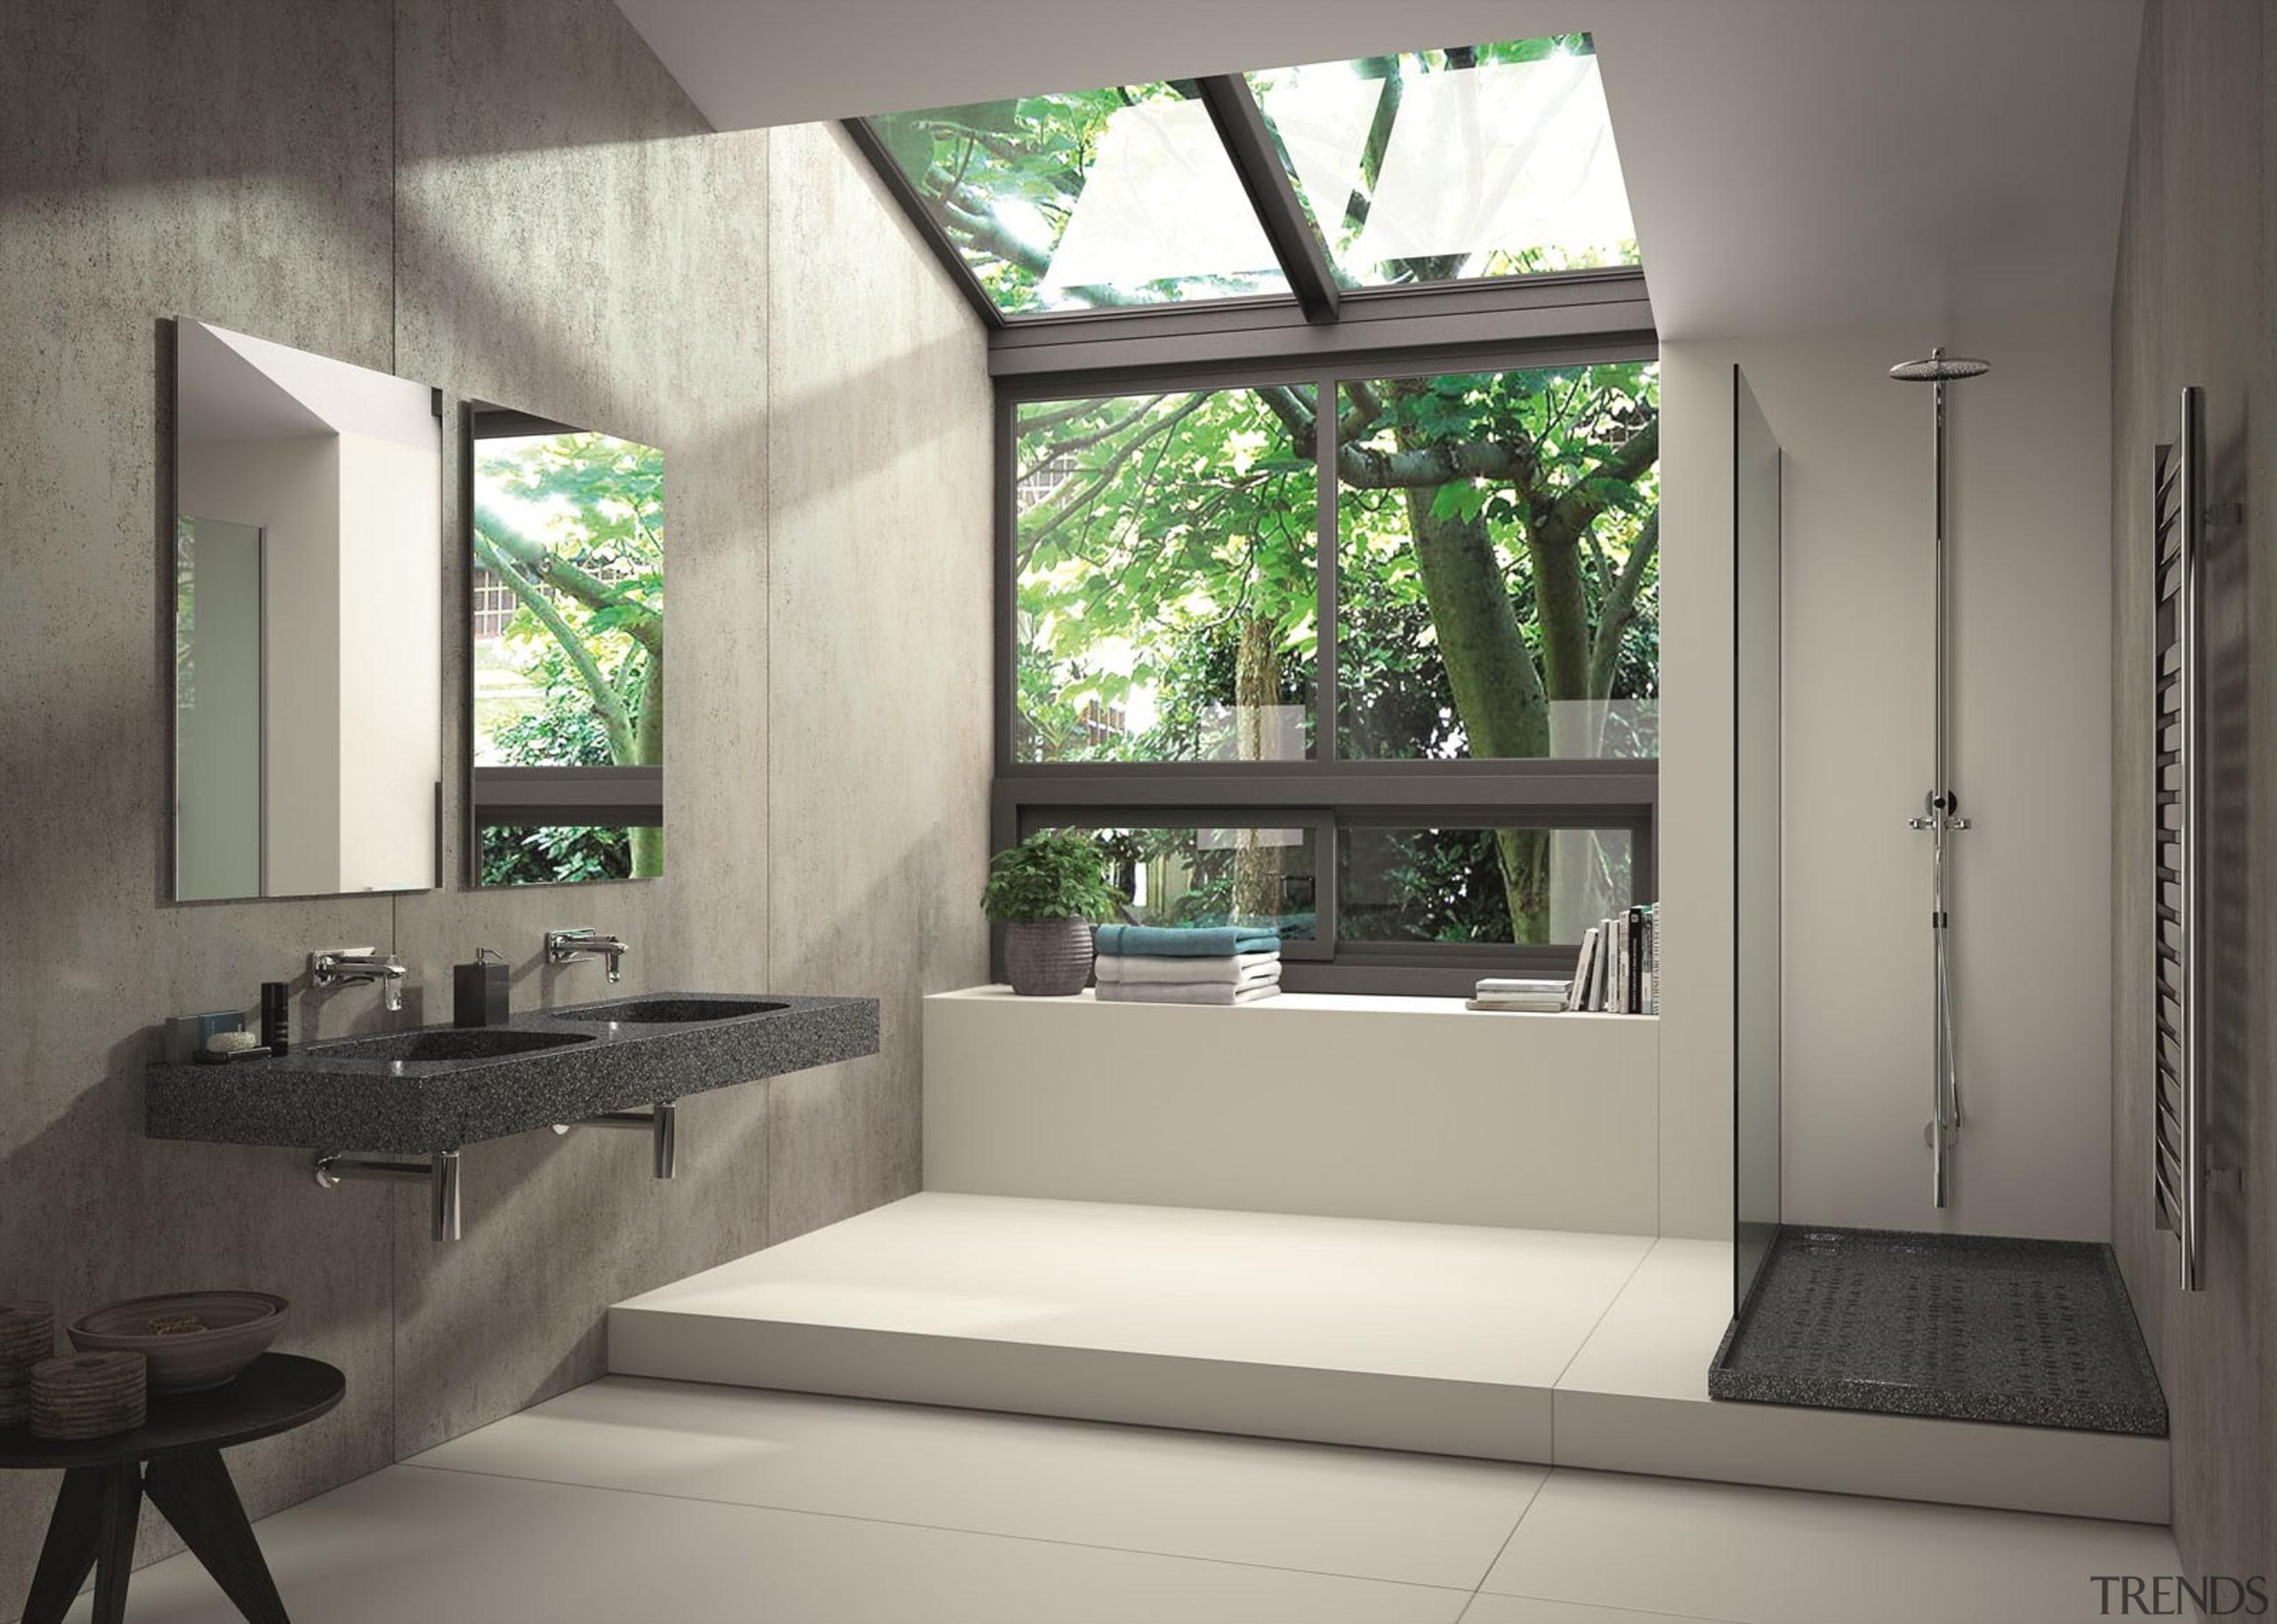 Ambiente baño vivienda - Lavabo Exclusive Silestone color architecture, bathroom, house, interior design, window, gray